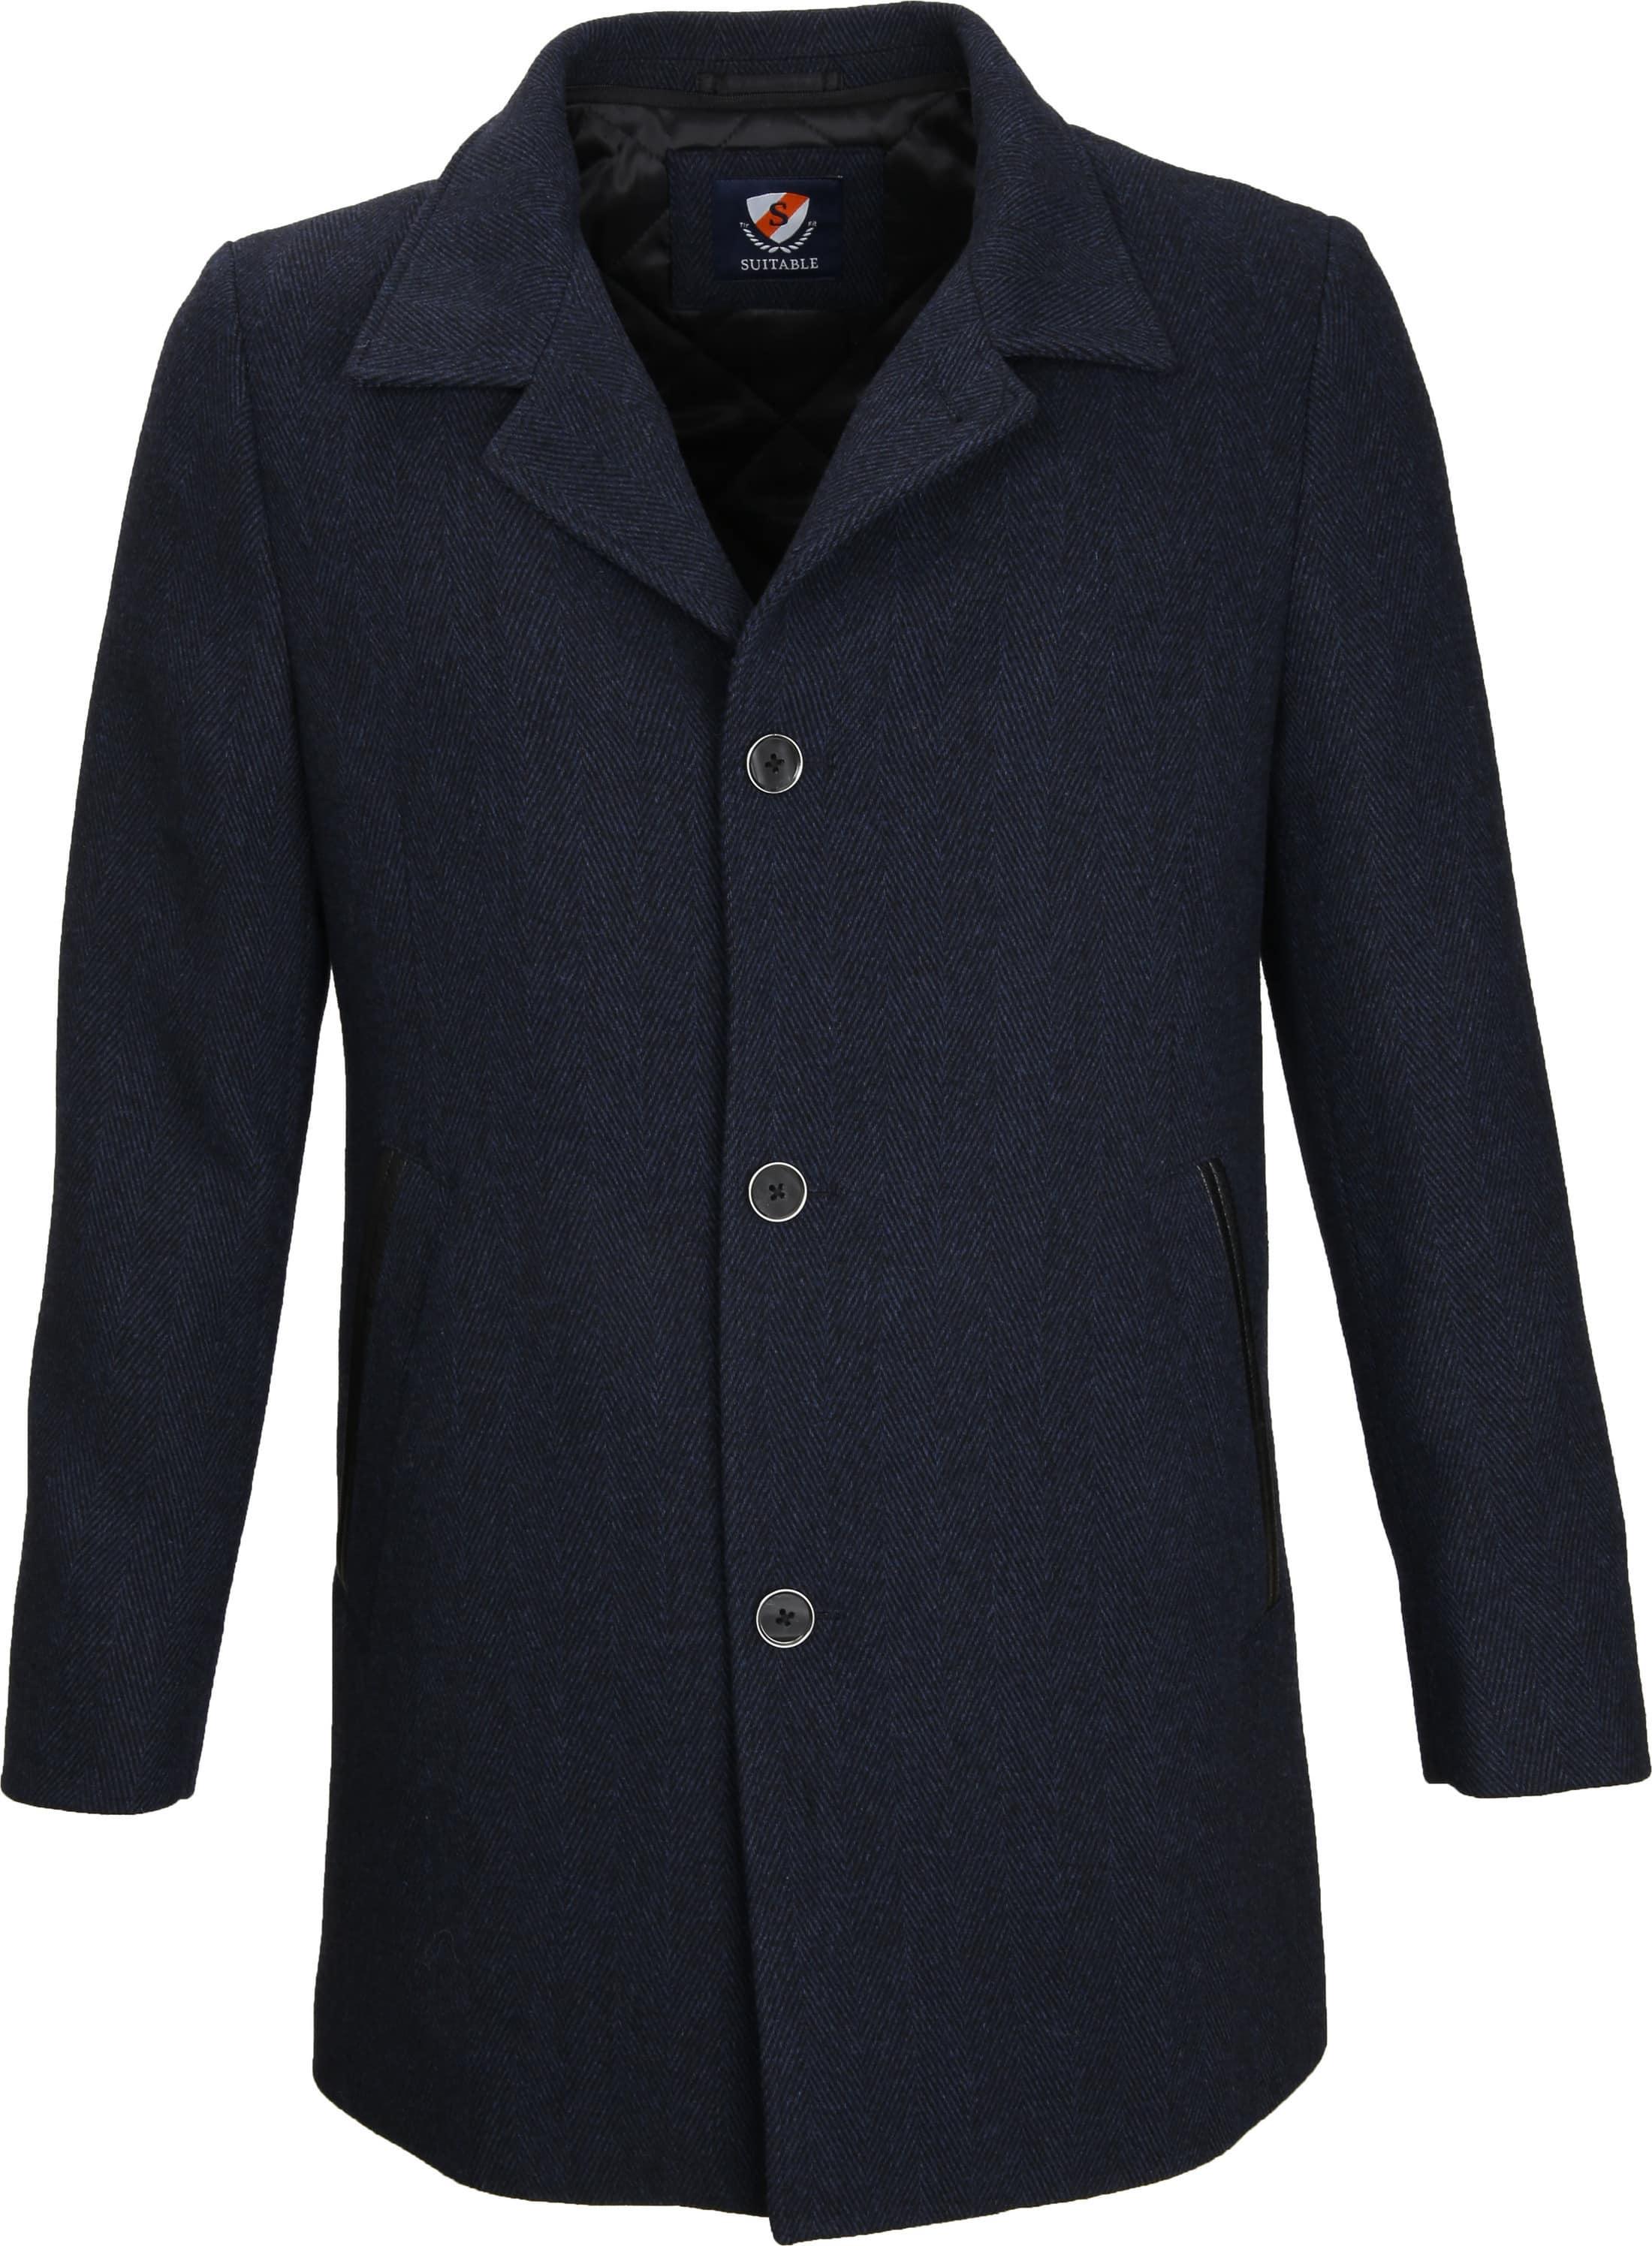 Suitable Coat Geke Inlay Indigo foto 1